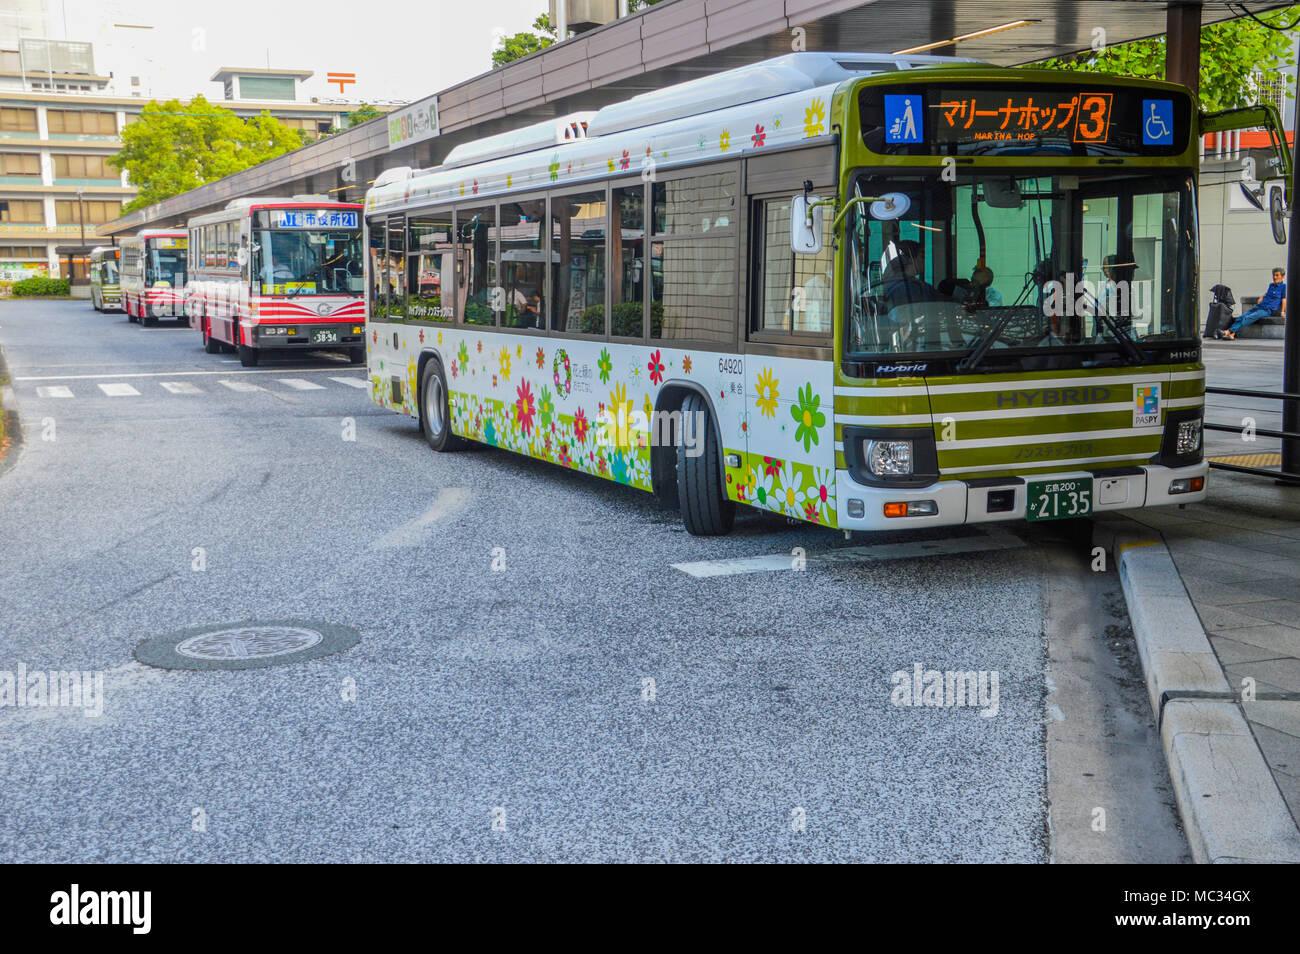 96a4baa8c3884 No 3 Bus Stock Photos & No 3 Bus Stock Images - Alamy